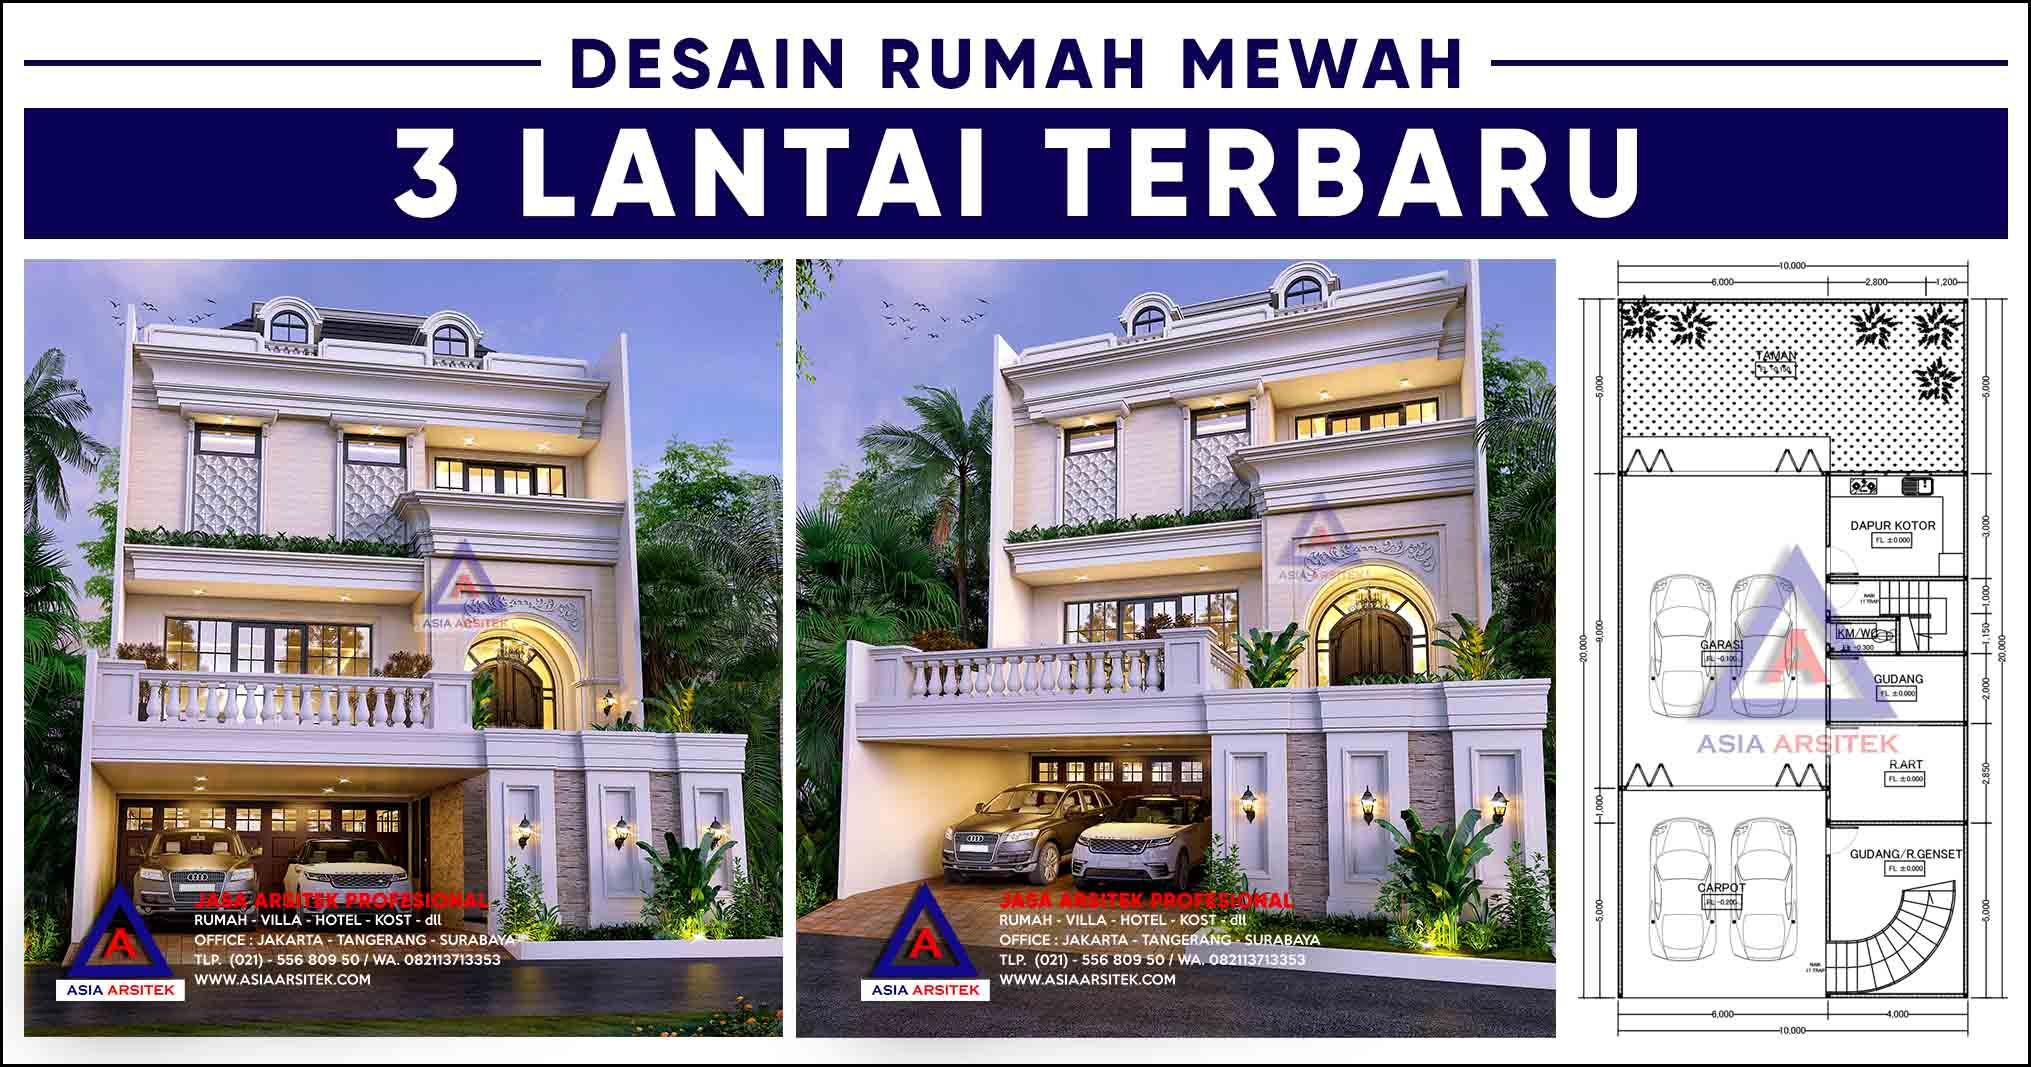 Desain Rumah Mewah 3 Lantai 20x10 m Terbaru 2020 2021 Asia